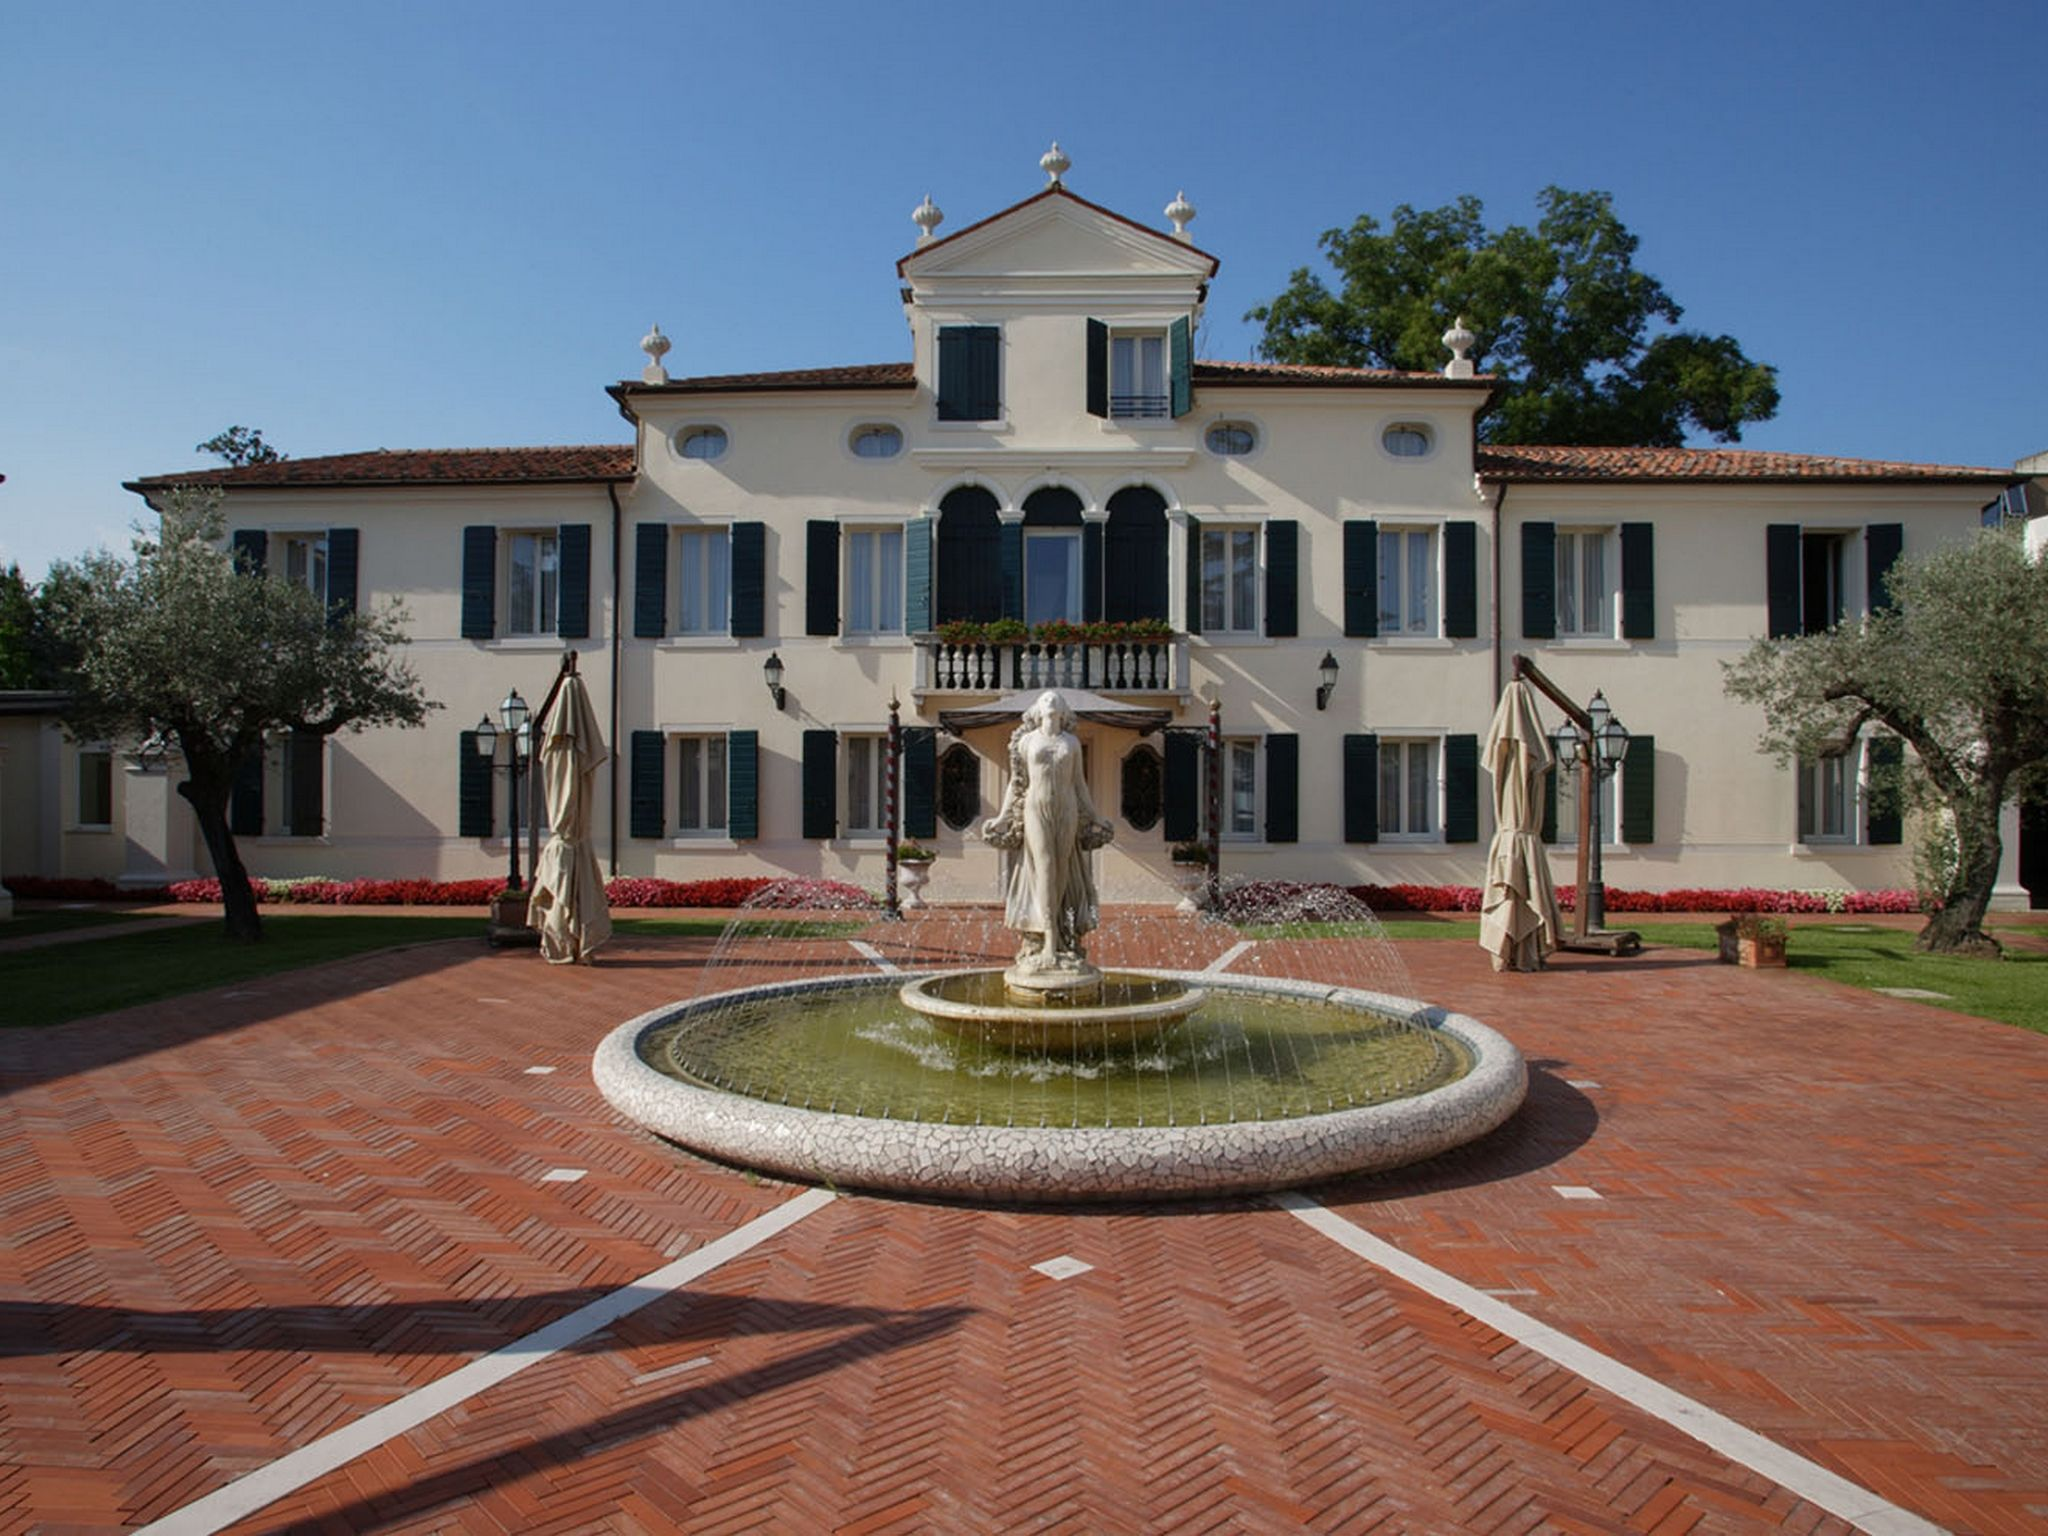 Hotel in monastier di treviso park hotel villa fiorita for Boutique hotel treviso